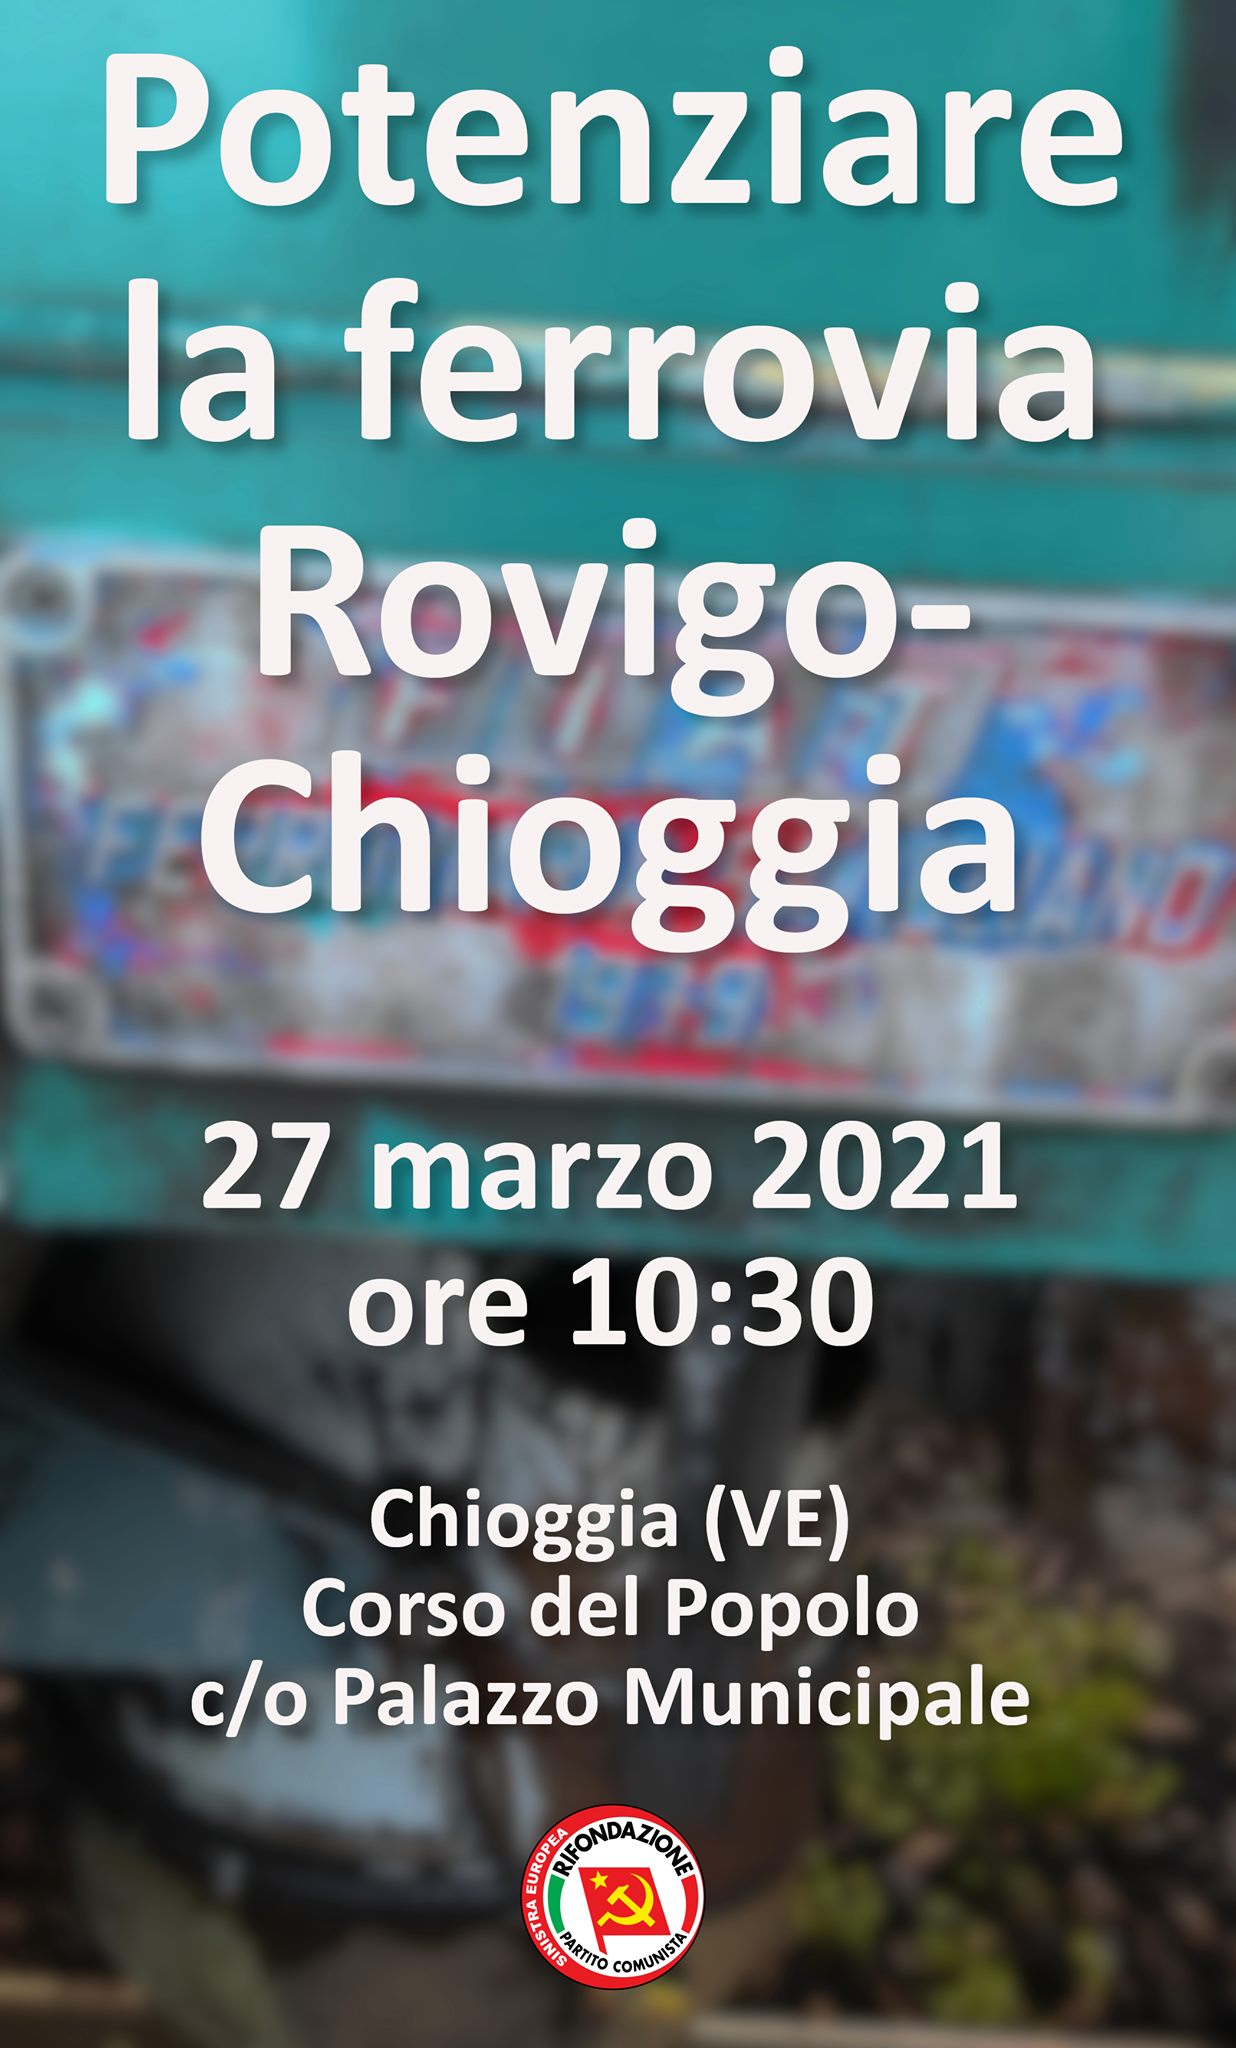 manifestazione per la ferrovia chioggia rovigo del 27 marzo 2021